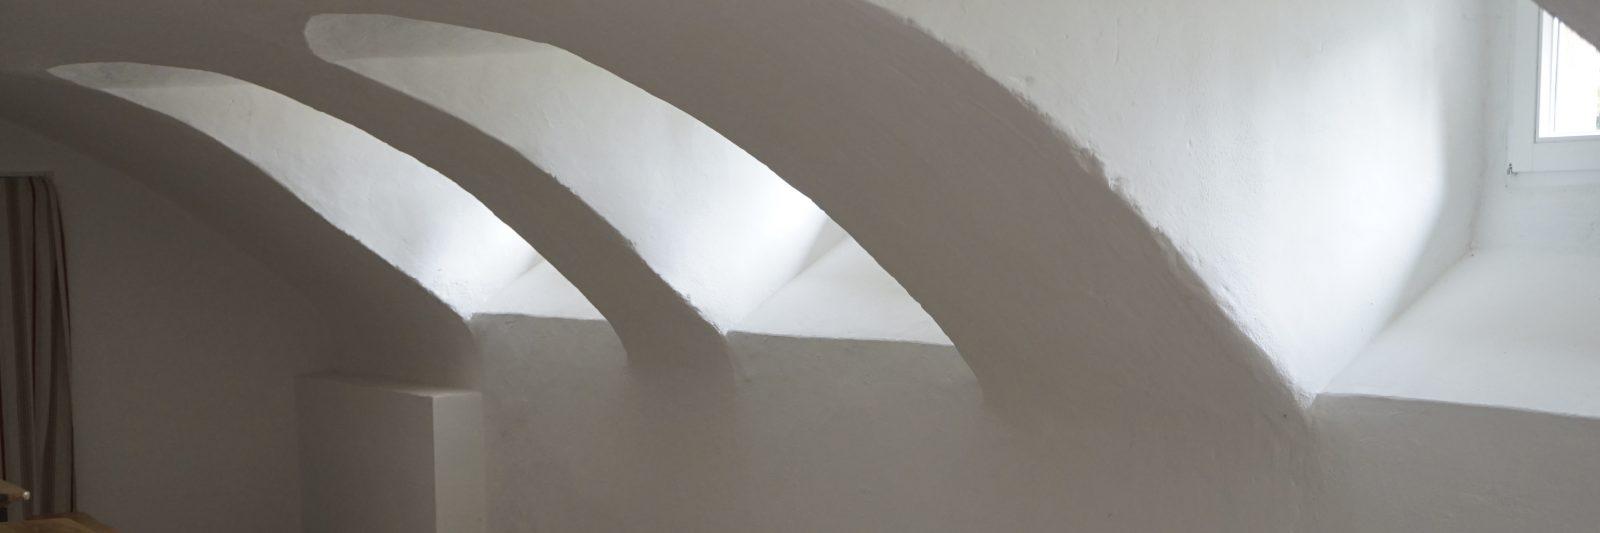 Gutshaus_Gewölbekeller_Fenster